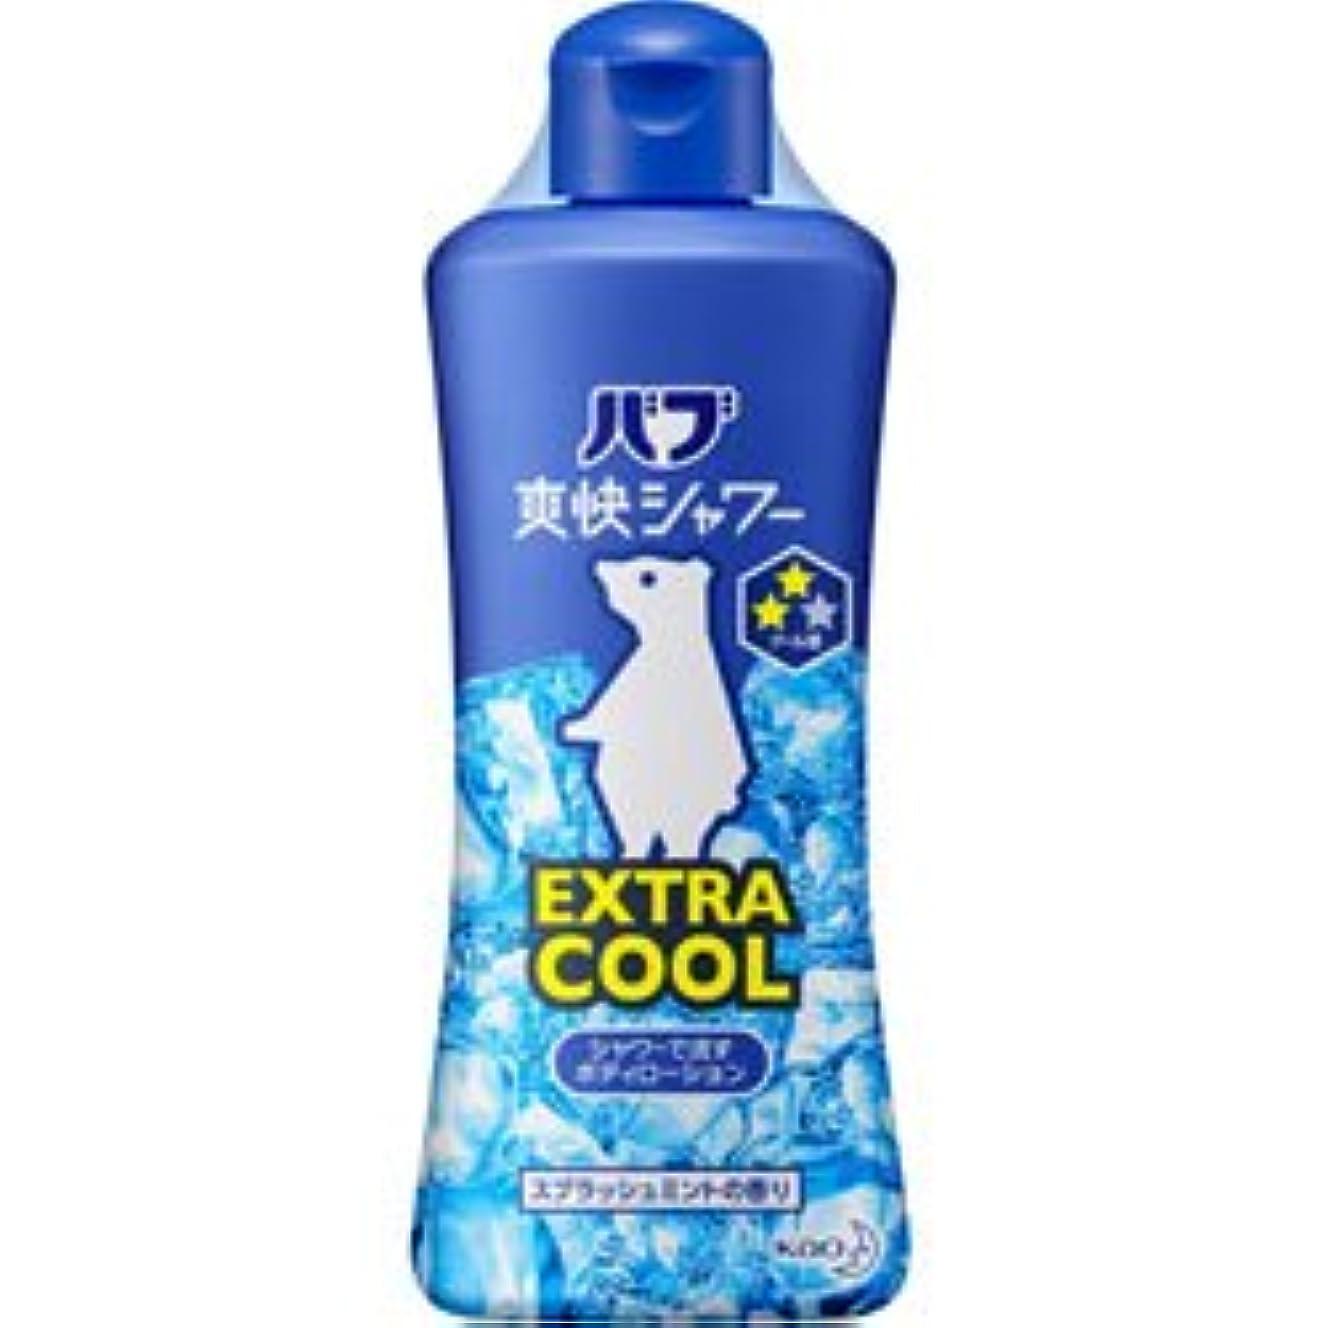 仮装愛国的な充実【花王】バブ爽快シャワー エクストラクール スプラッシュミントの香り 250ml ×10個セット